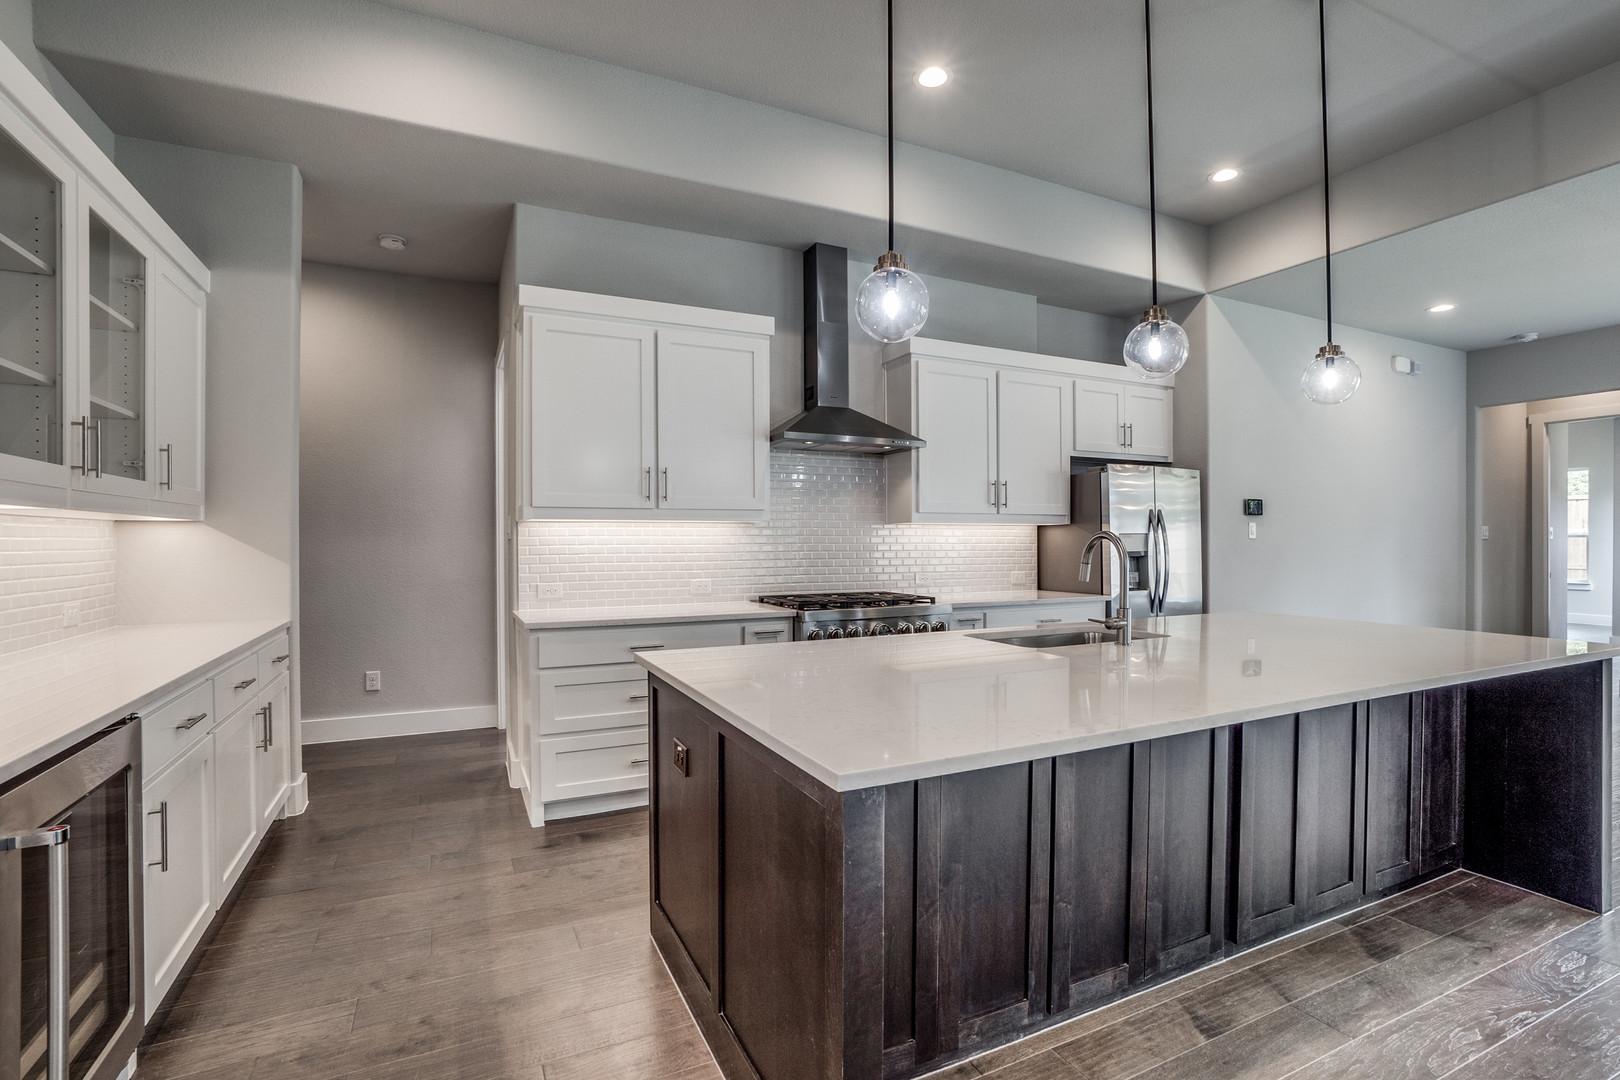 4417-somerville-Kitchen 2.jpg